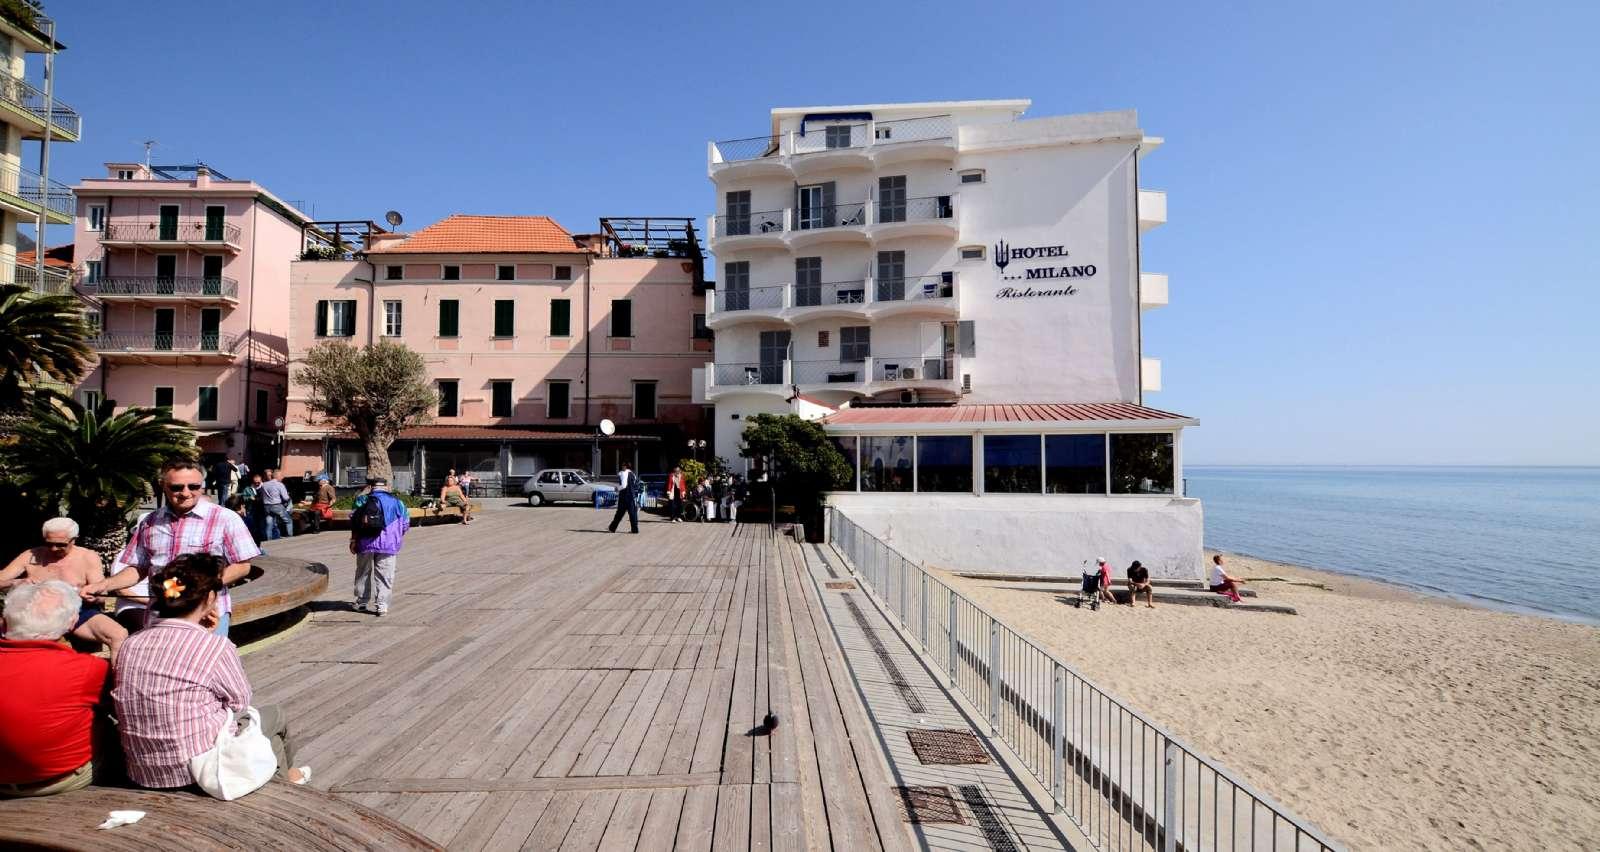 Hotel Milano ligger mitt i stan och på första rad ut till havet